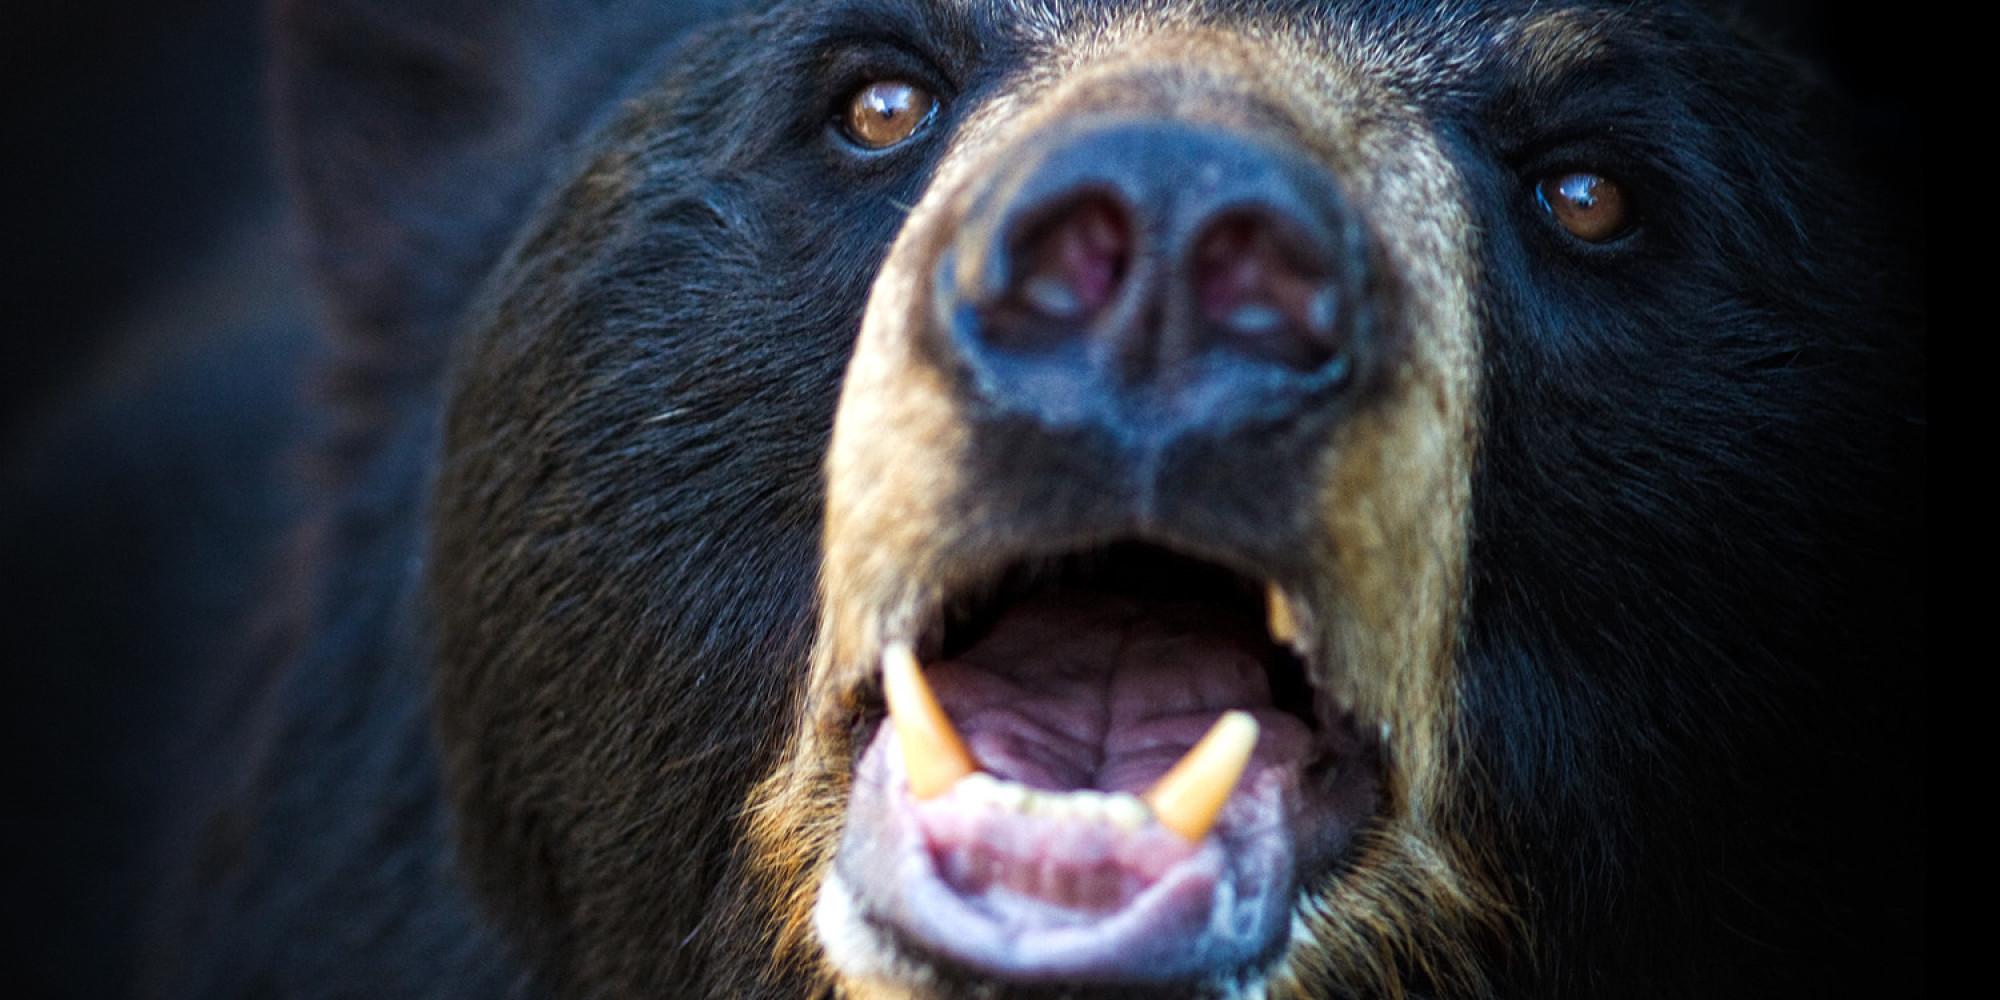 Összesen 300 fekete medvét lőttek ki Floridában